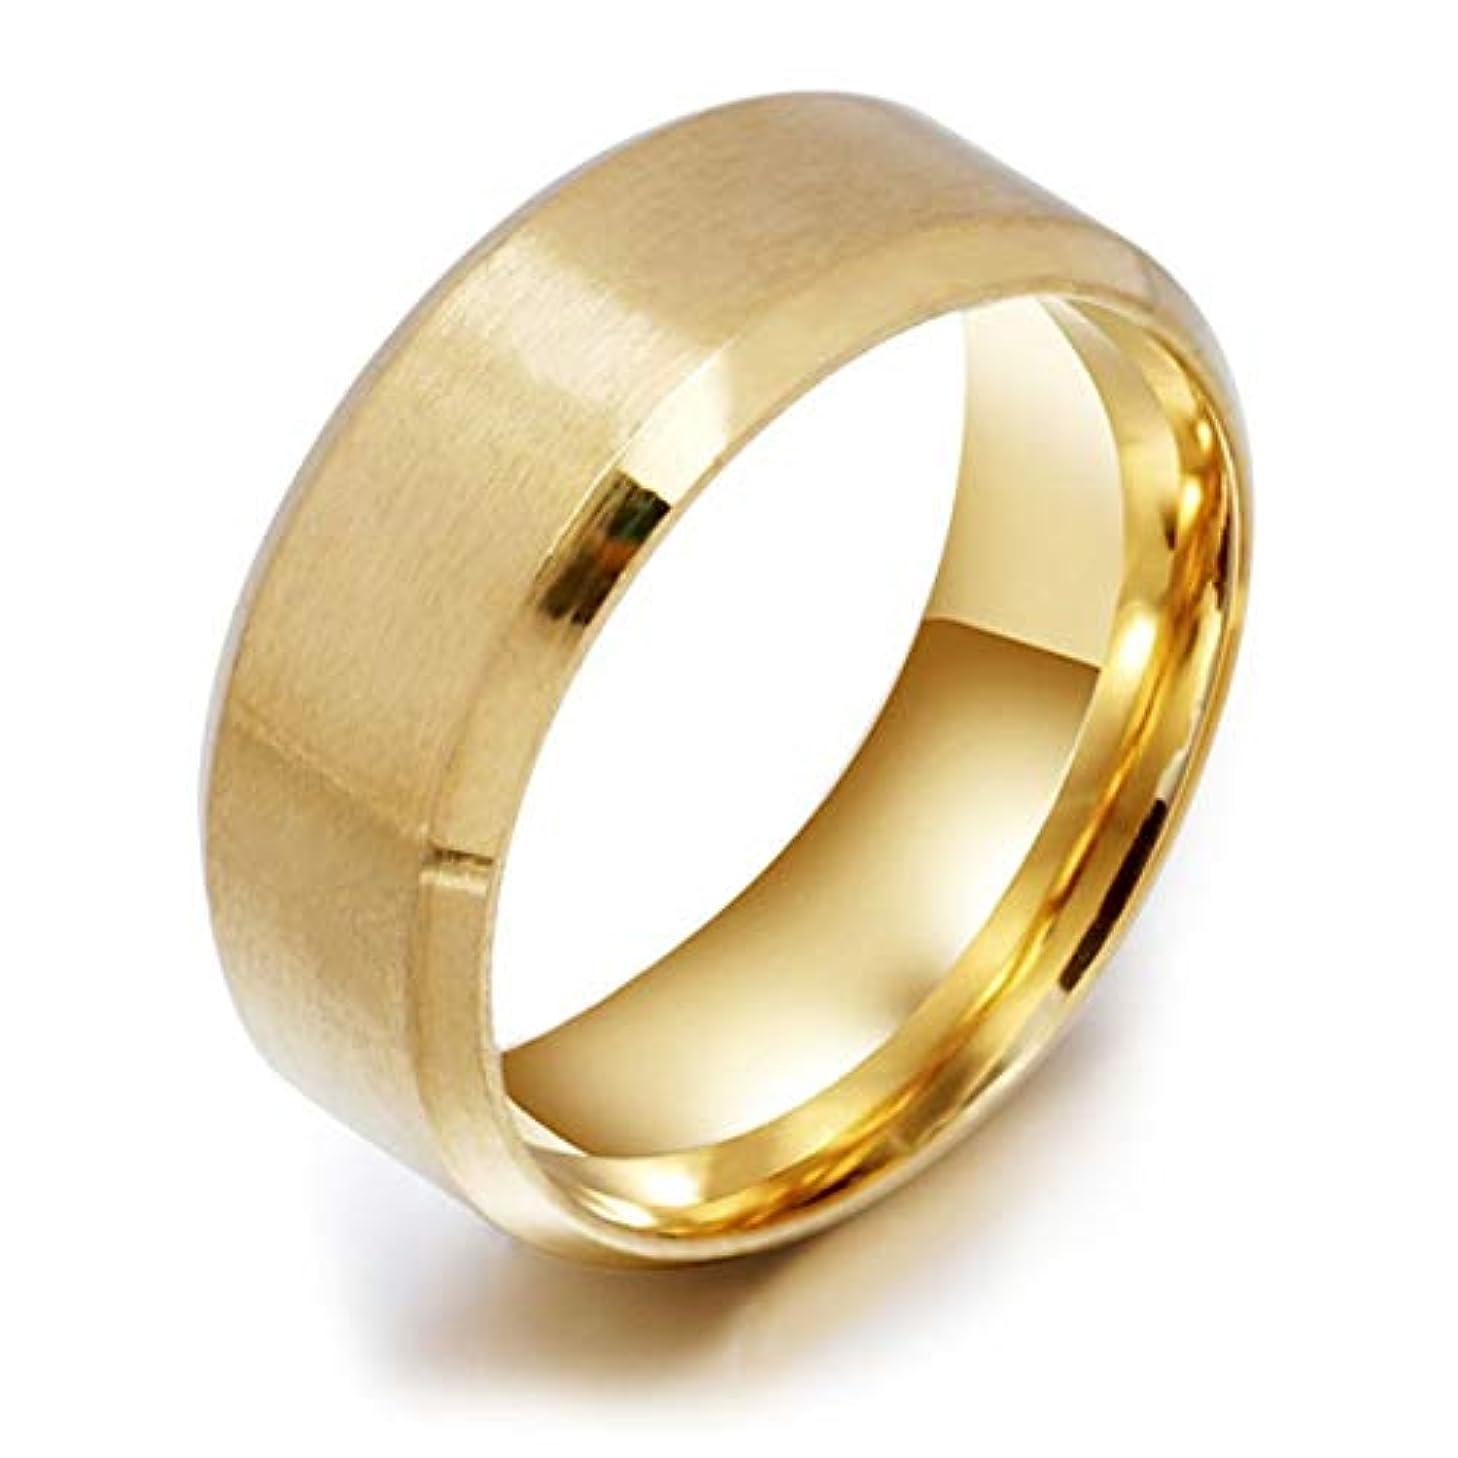 依存するエキス軽食ステンレス鋼の医療指リング磁気減量リング男性のための高いポーランドのファッションジュエリー女性リング-ゴールド10